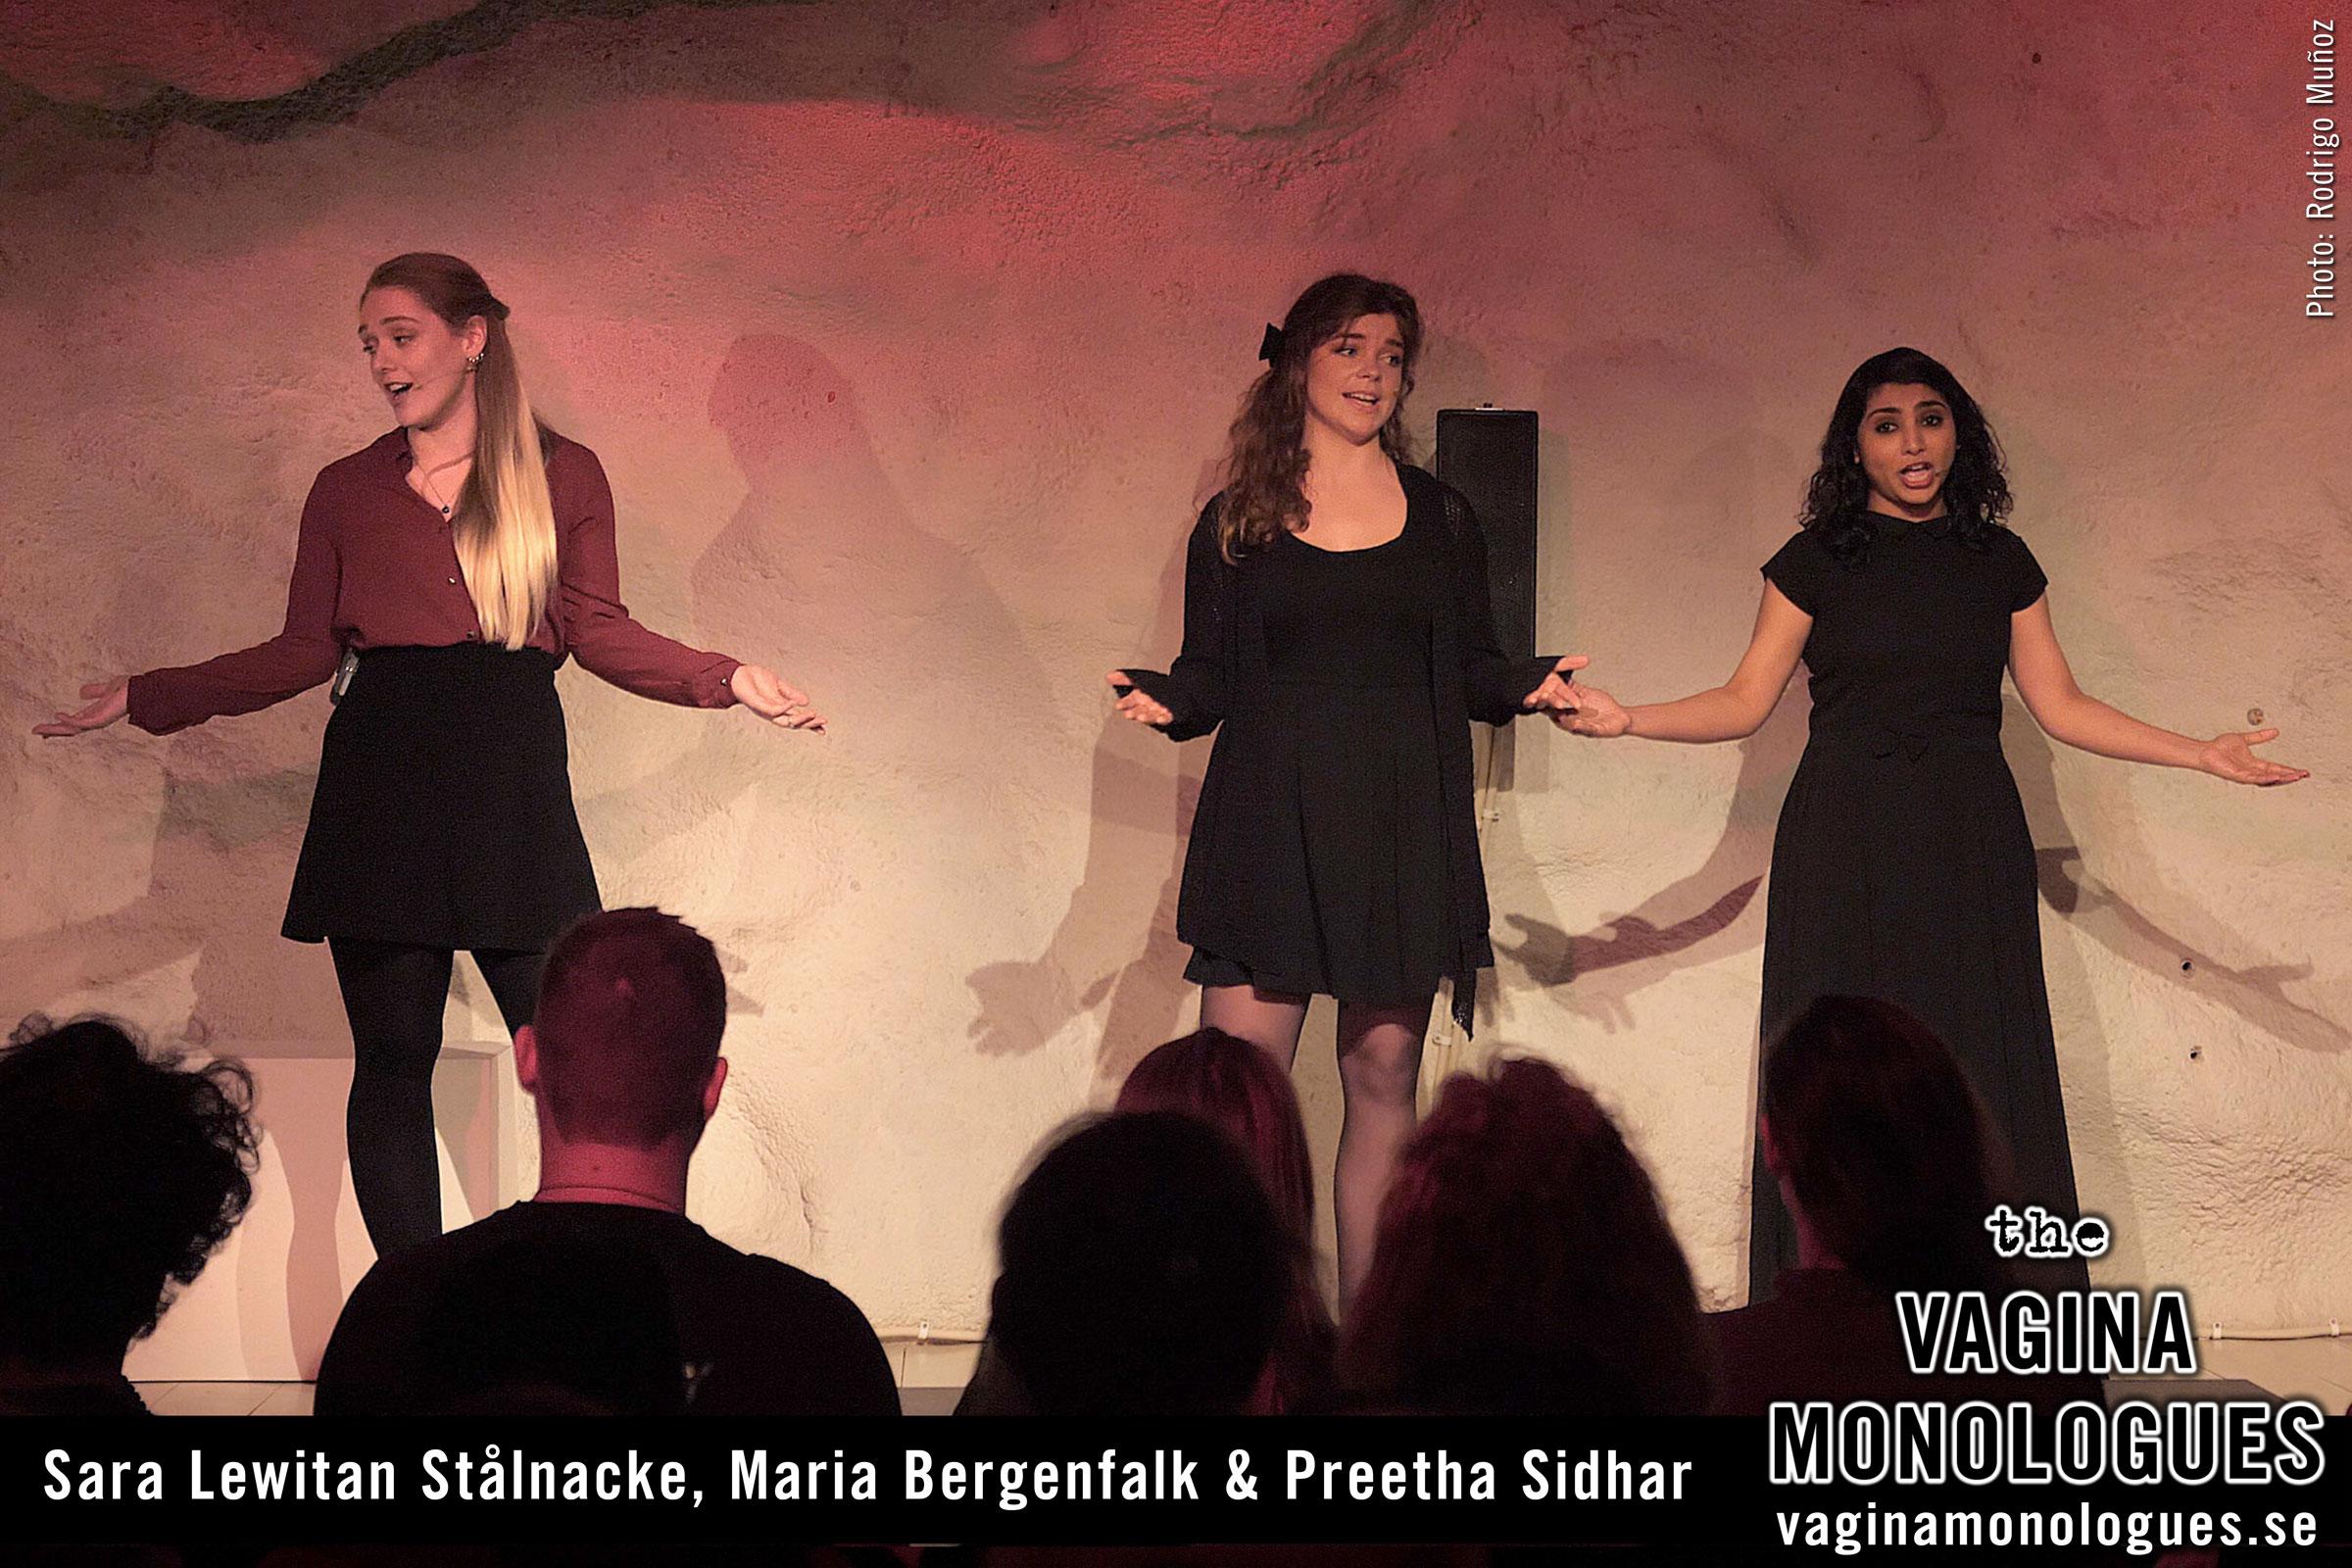 Sara Lewitan Stålnacke, Maria Bergenfalk & Preetha Sidhar